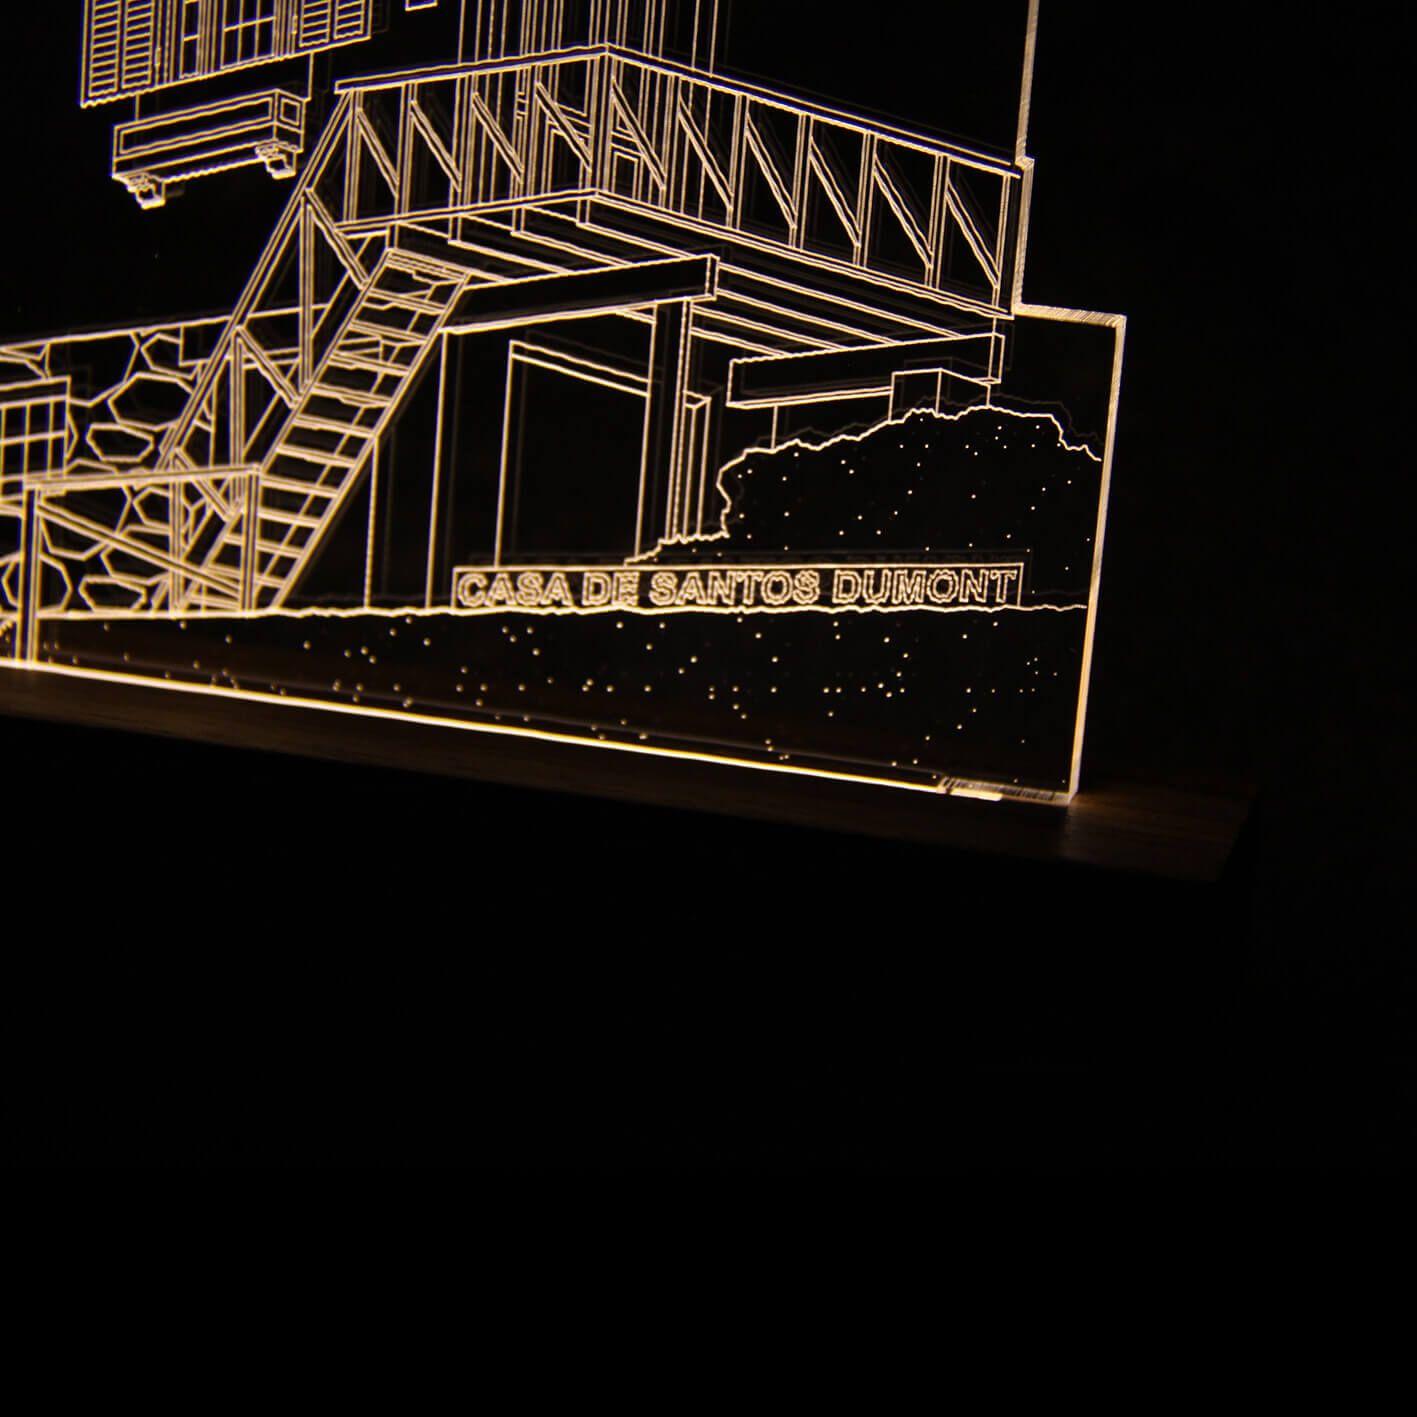 Luminária Casa Santos Dumont - Petrópolis